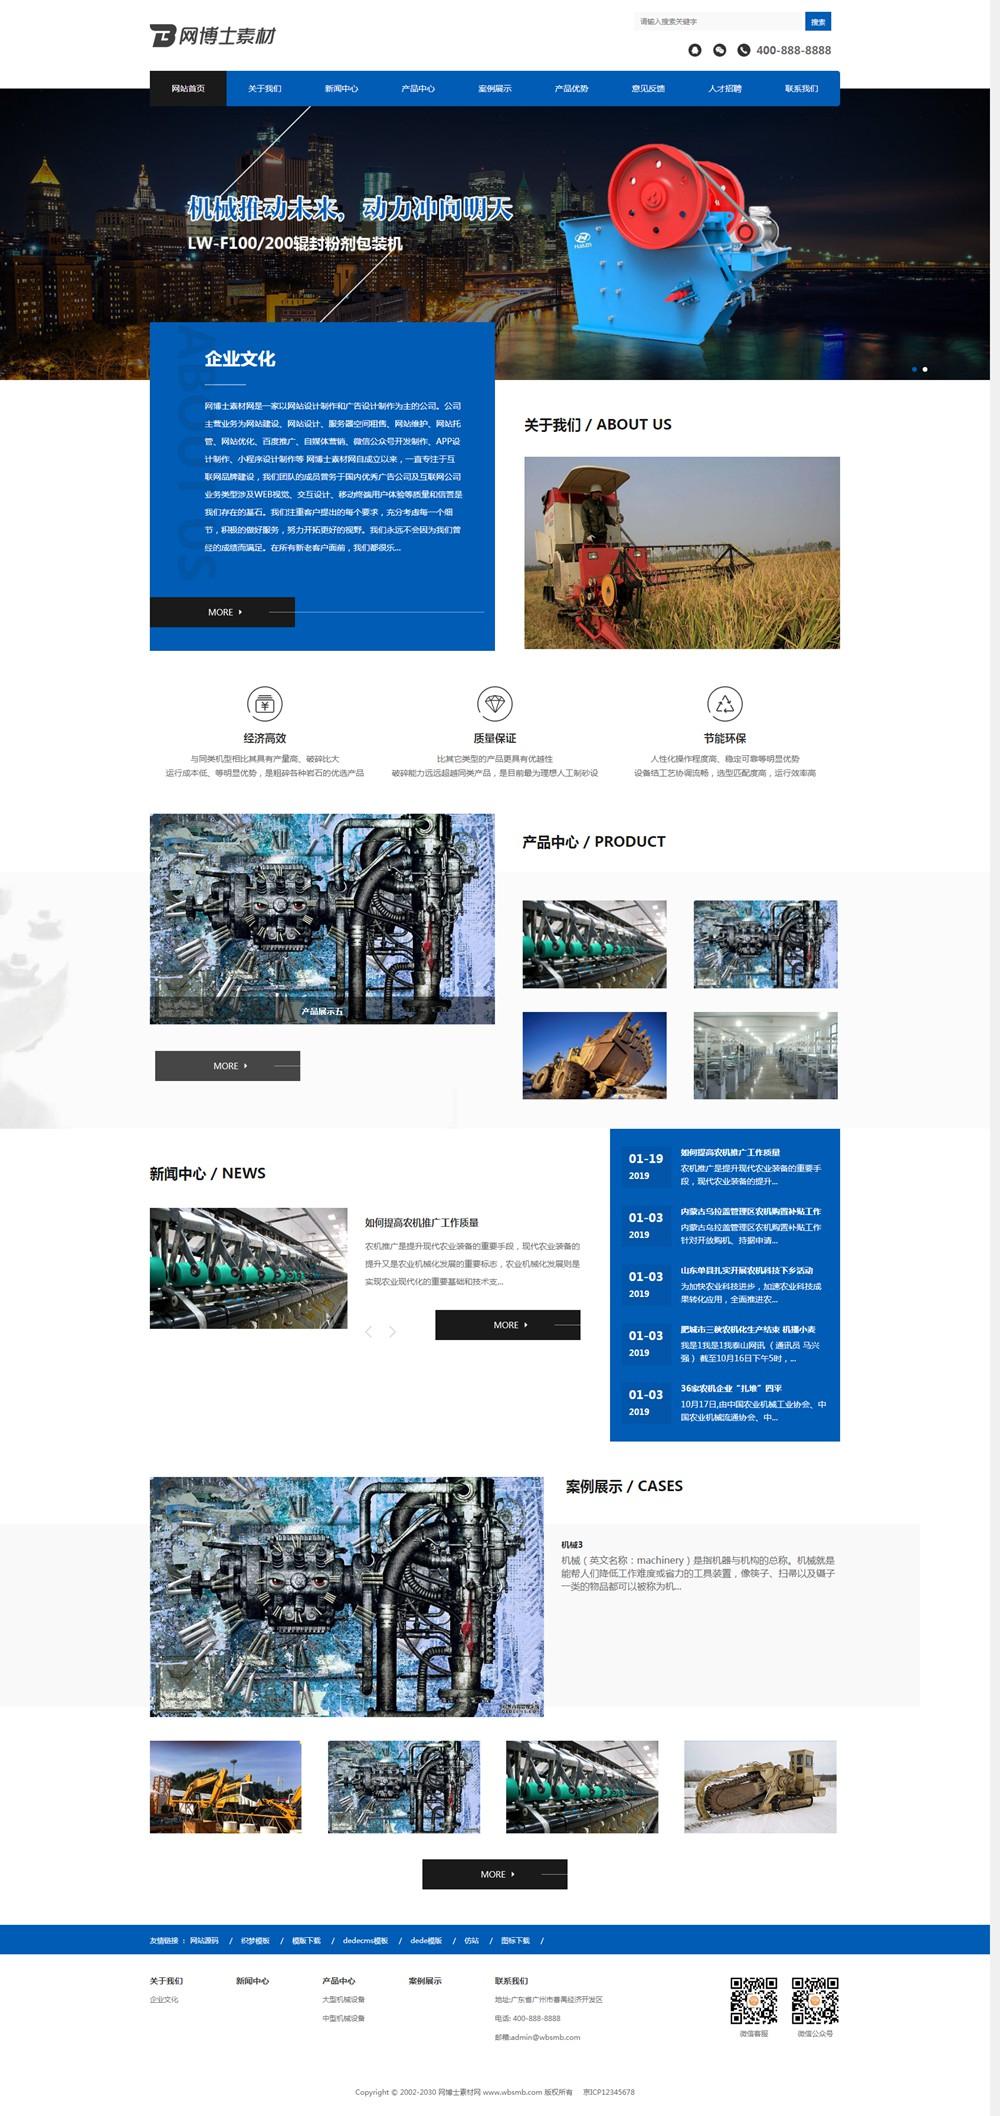 (自适应手机版)响应式大型农业机械设备网站织梦模板 HTML5专业机械设备网站源码